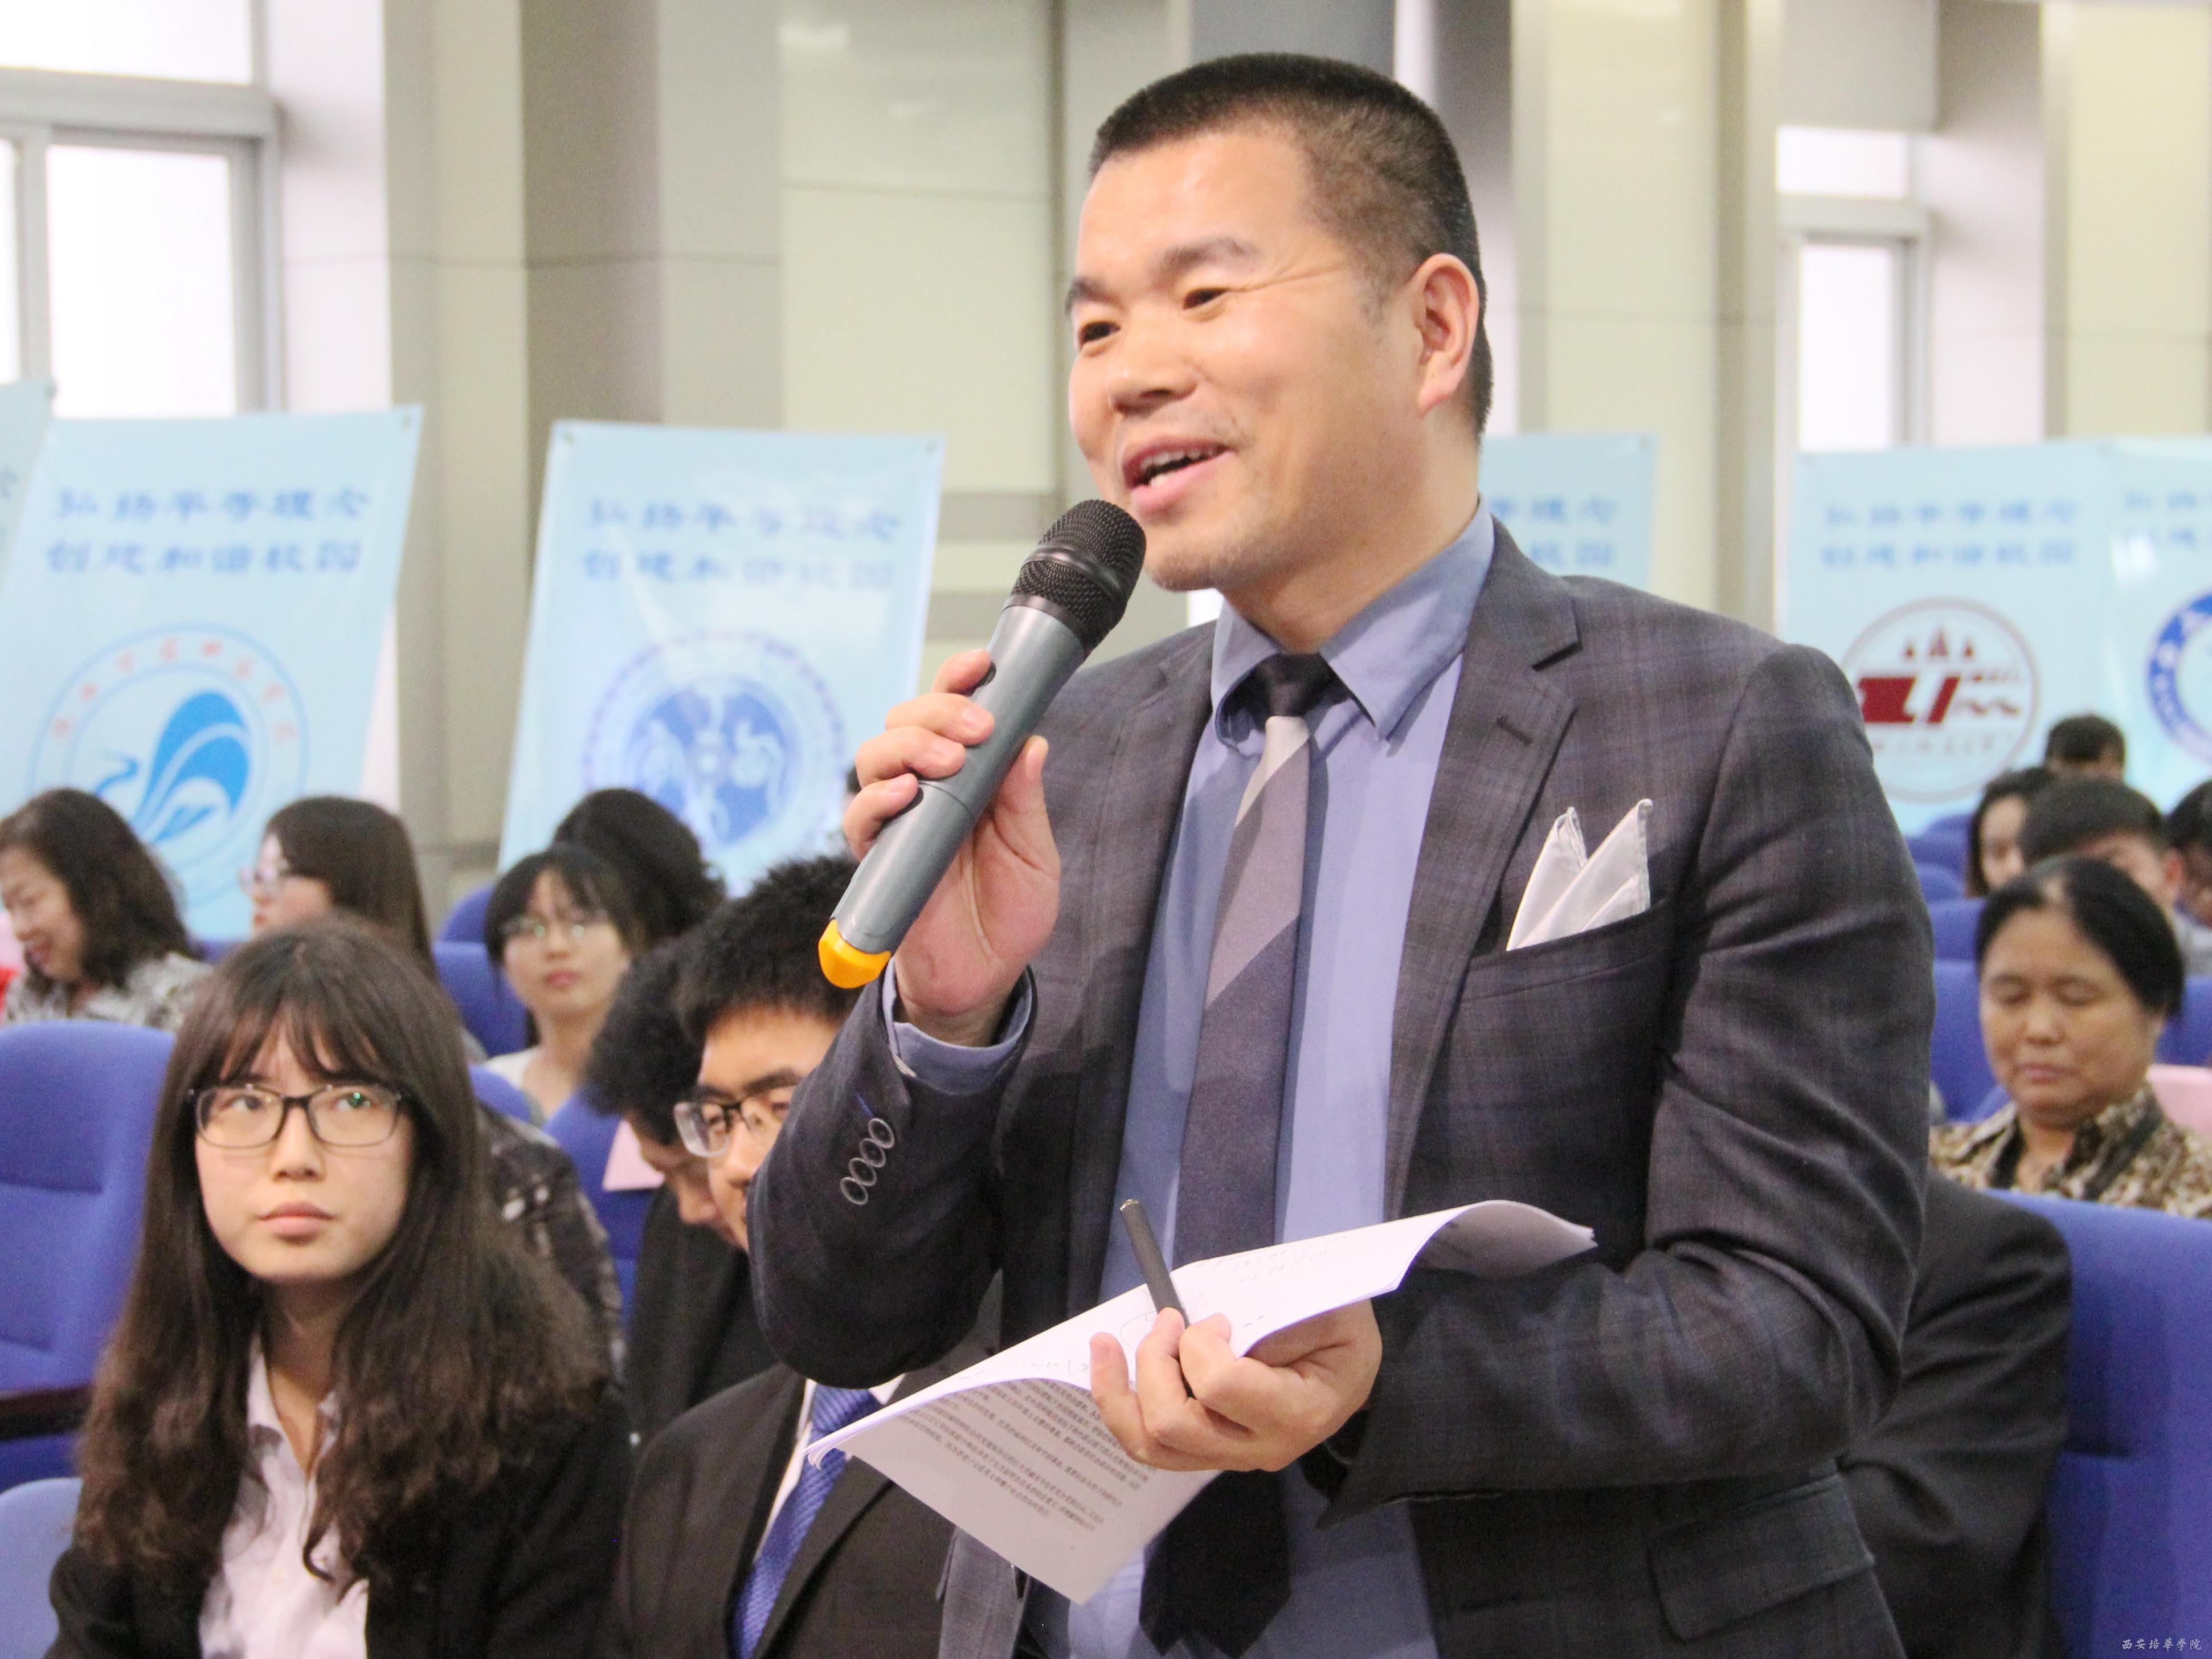 我想参加2016陕西教师资格证考试,是考教育心理学吗?